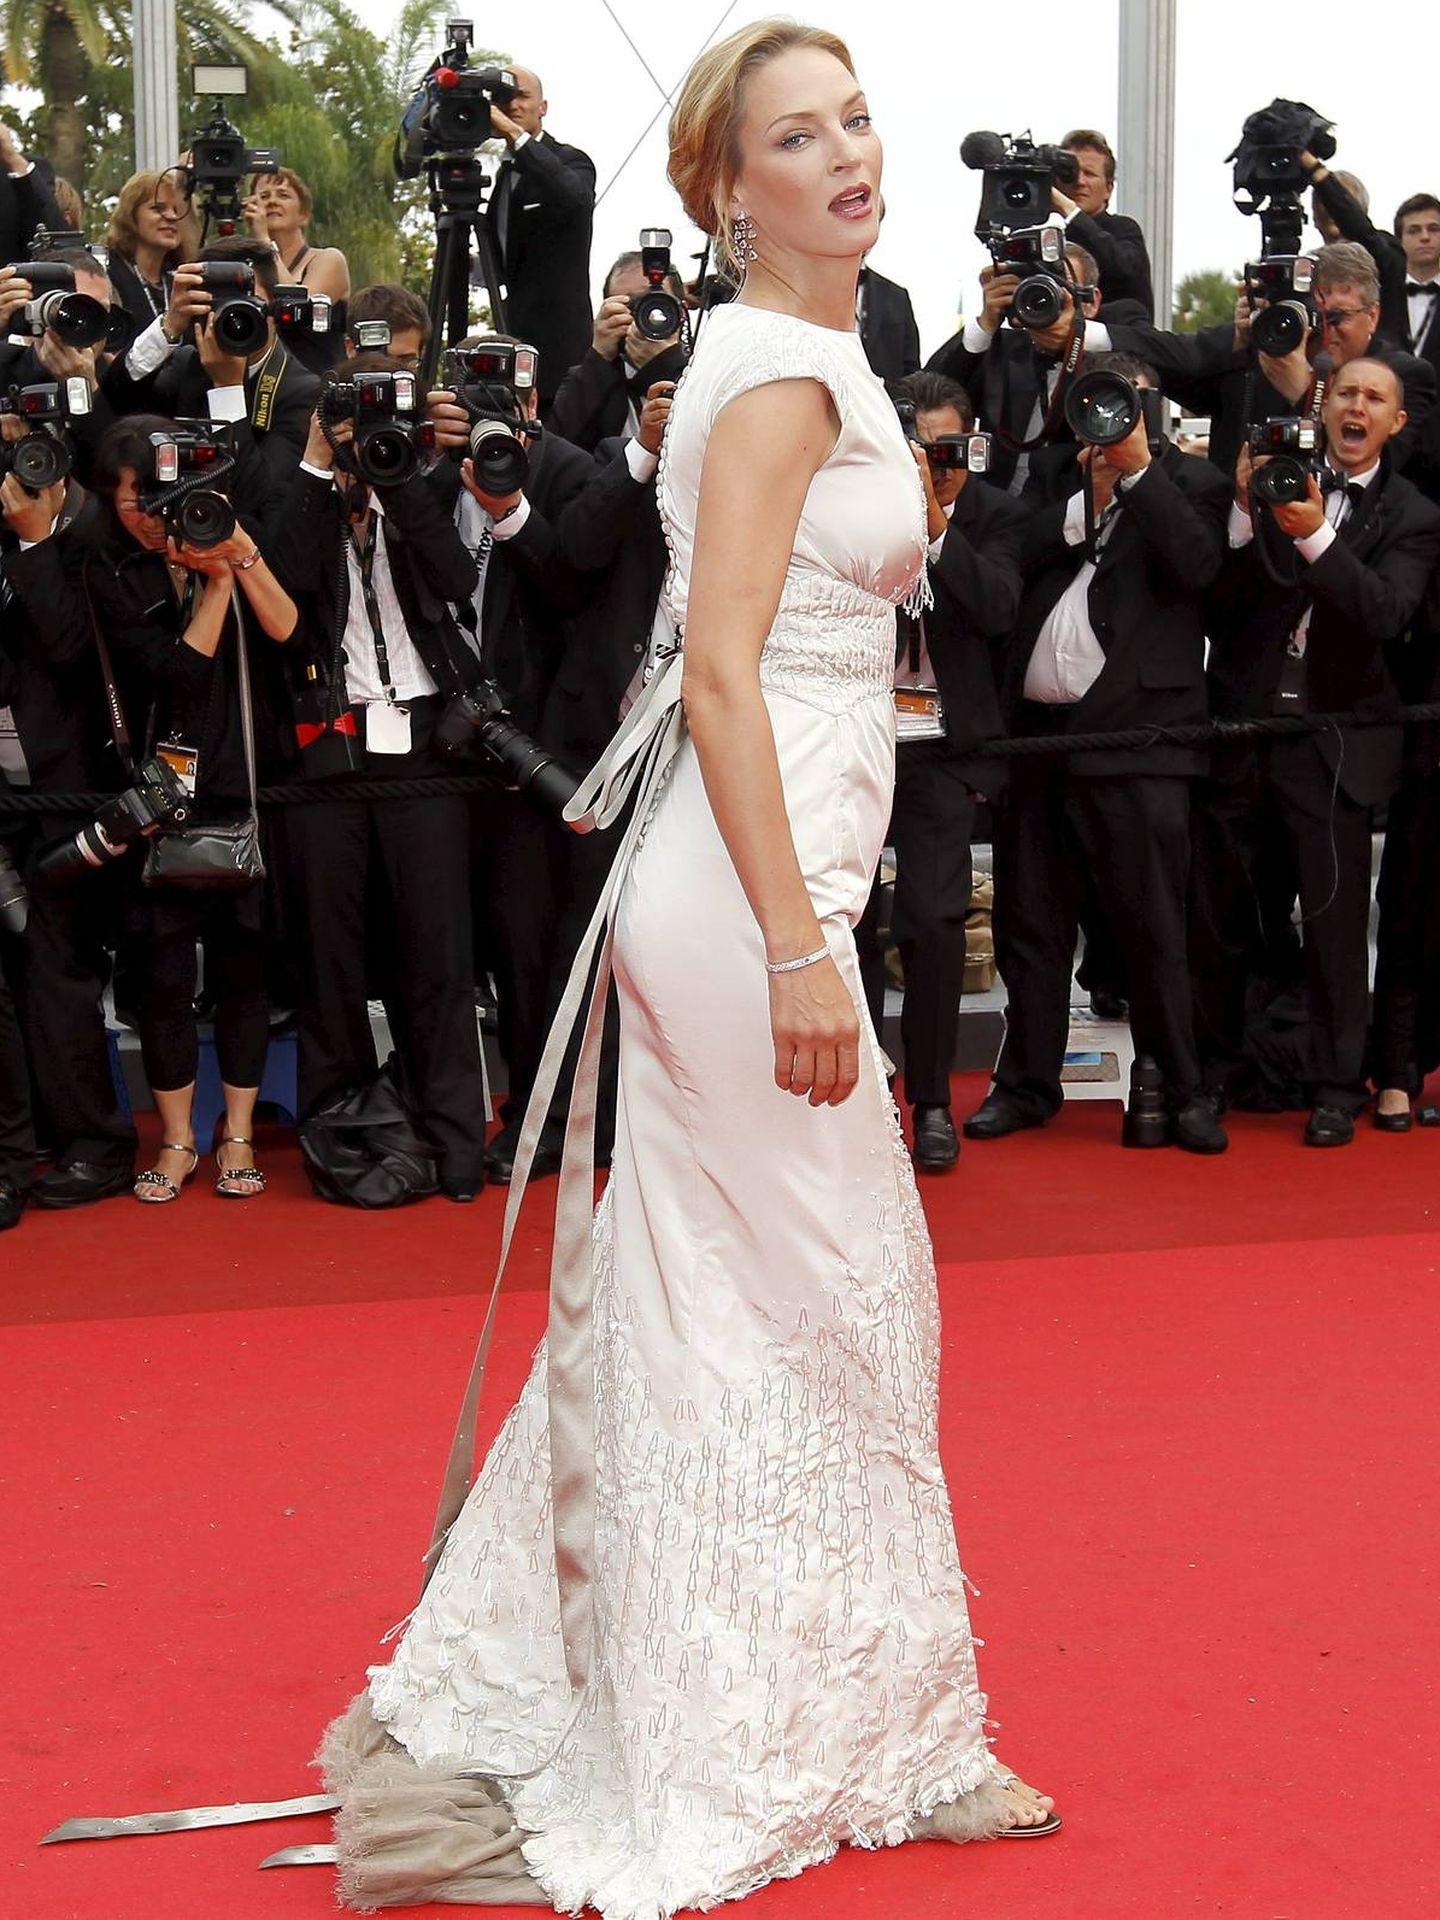 La actriz estadounidense Uma Thurman,  en el Festival de Cannes 2011. (EFE)